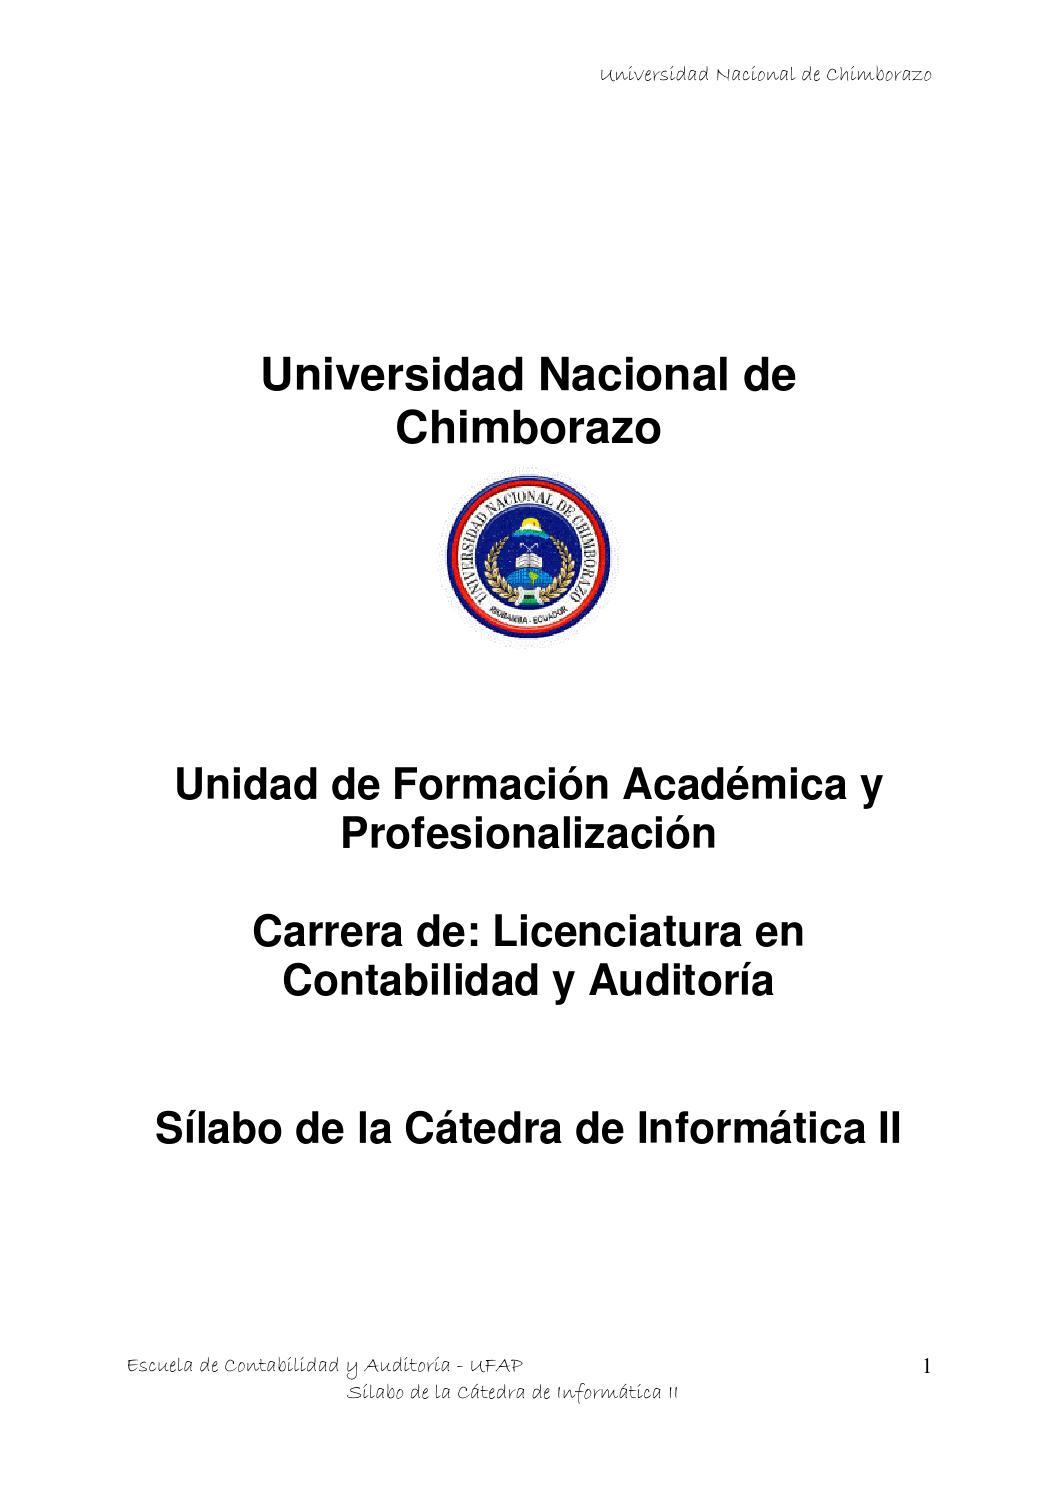 Silabo contabilidad informática ii by Juan Carlos - issuu